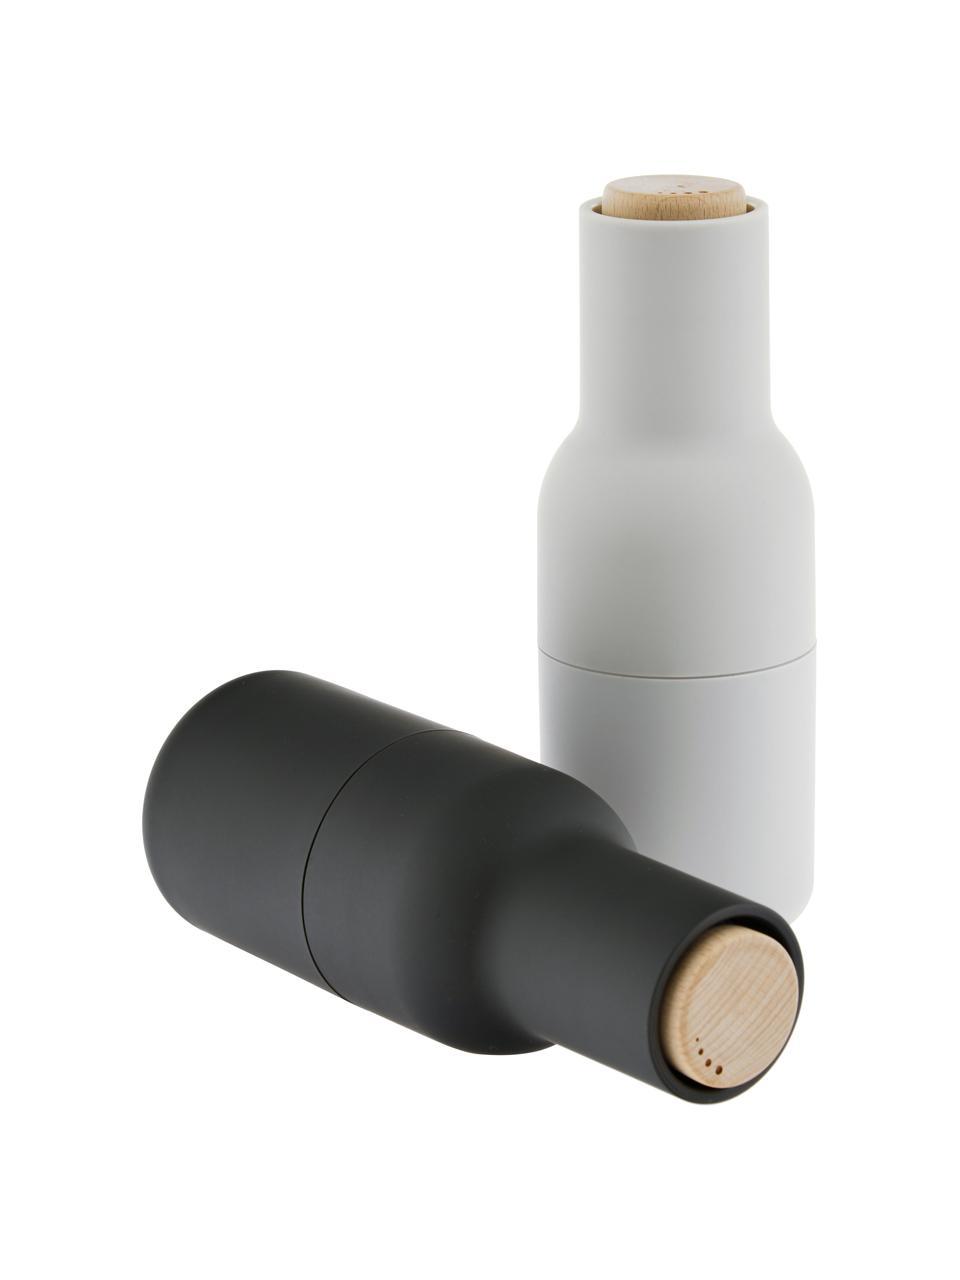 Młynek do soli i pieprzu z pokrywką z drewna Bottle Grinder, Korpus: tworzywo sztuczne, Antracytowy, jasny szary, brązowy, Ø 8 x W 21 cm